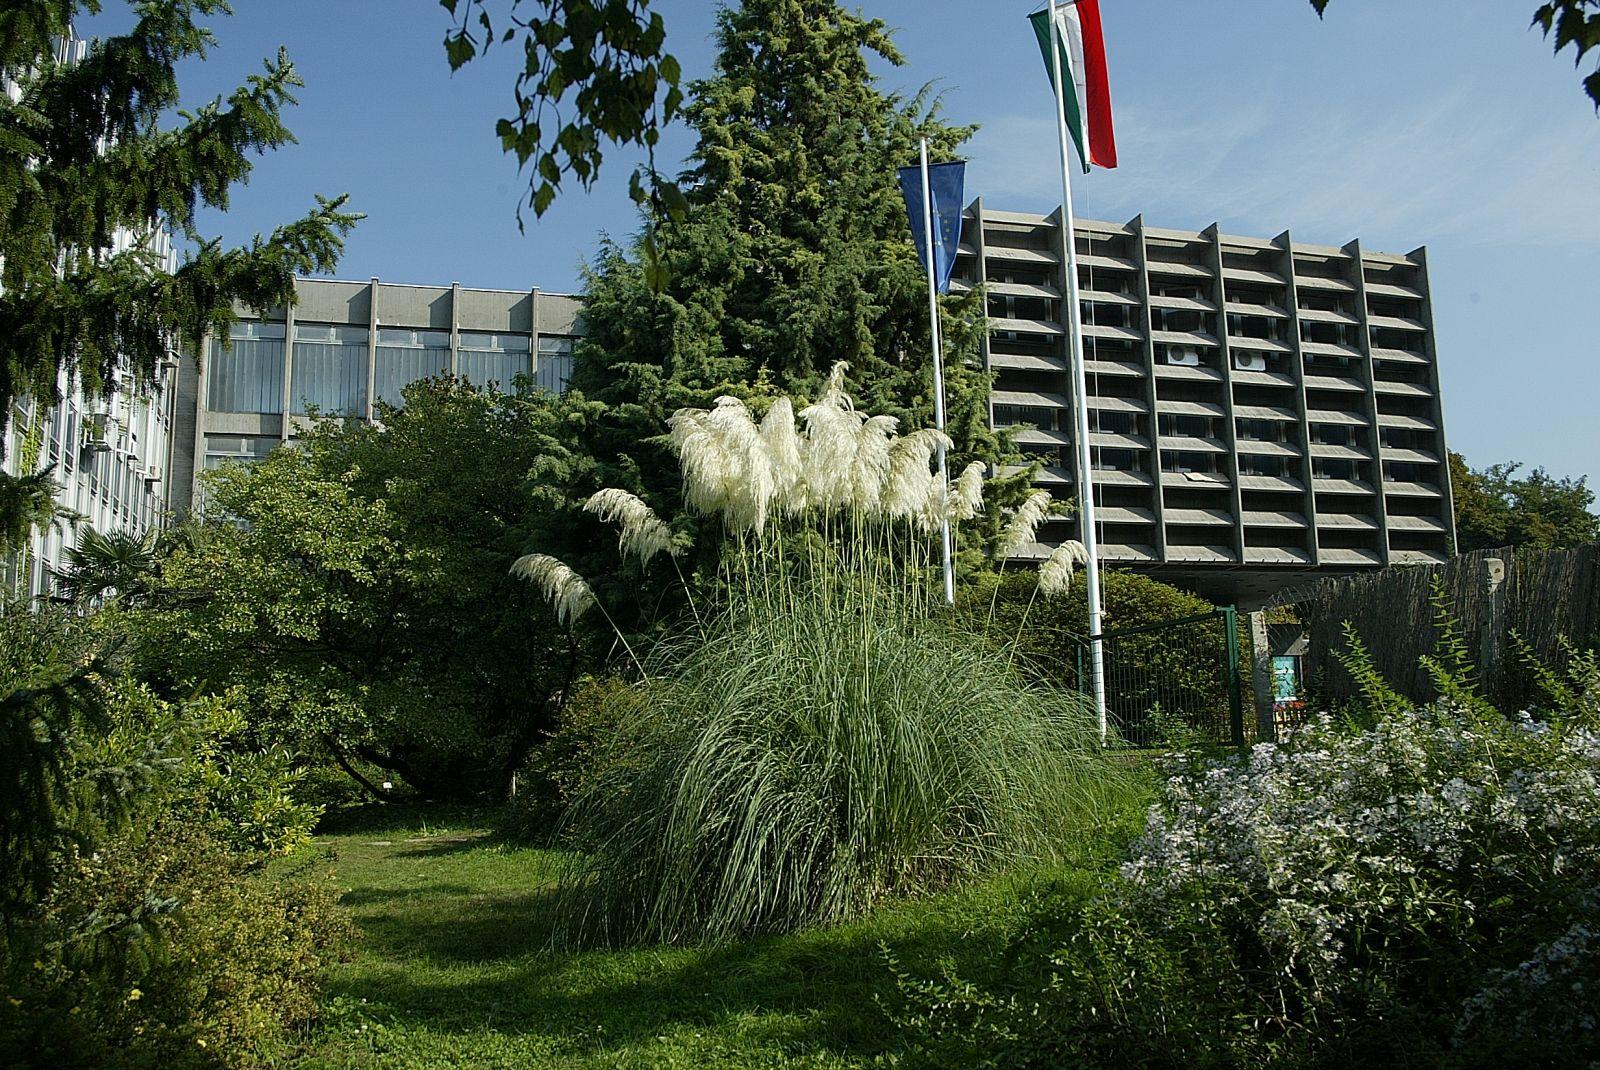 A Budai Campus 'K' épülete, előtte pampafű virágzik